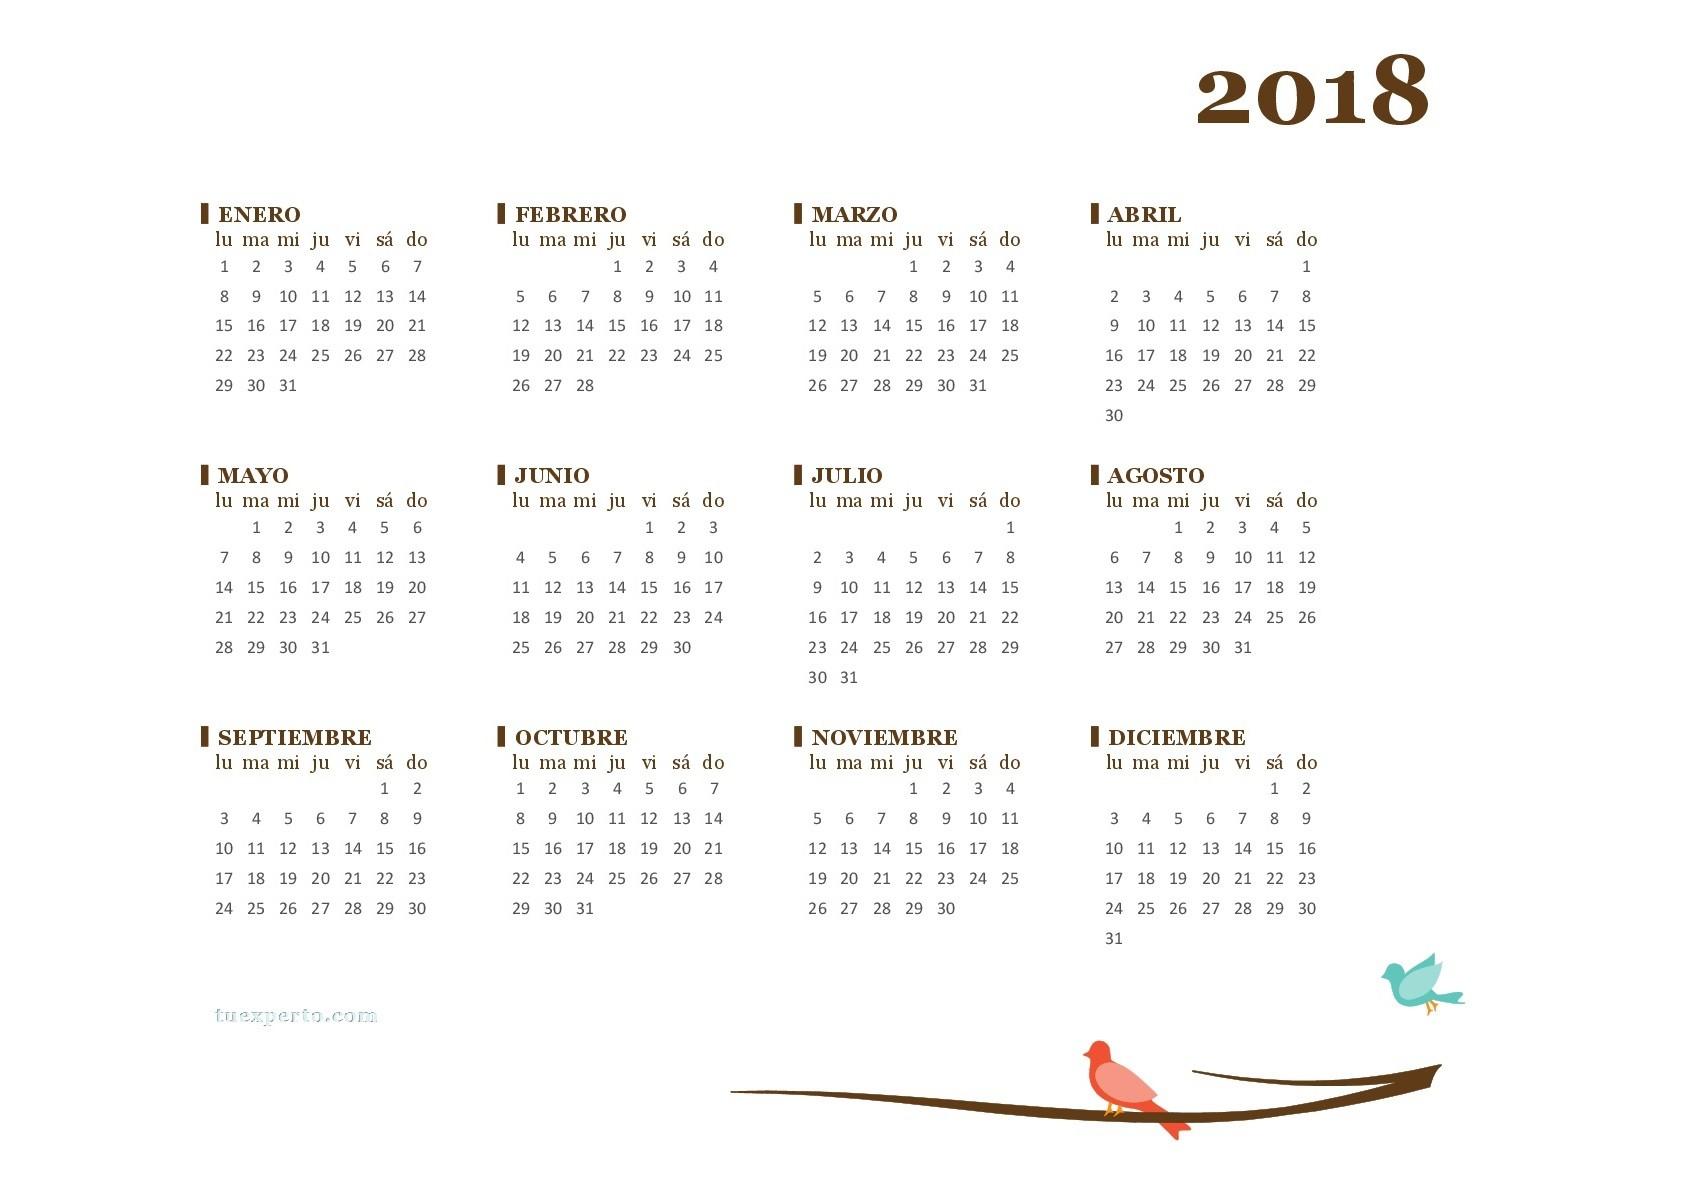 Calendario 2019 Para Imprimir Blanco Más Populares Calendario Julio 2016 Con Notas Para Imprimir July Calendar Of Calendario 2019 Para Imprimir Blanco Recientes Eur Lex R2447 En Eur Lex